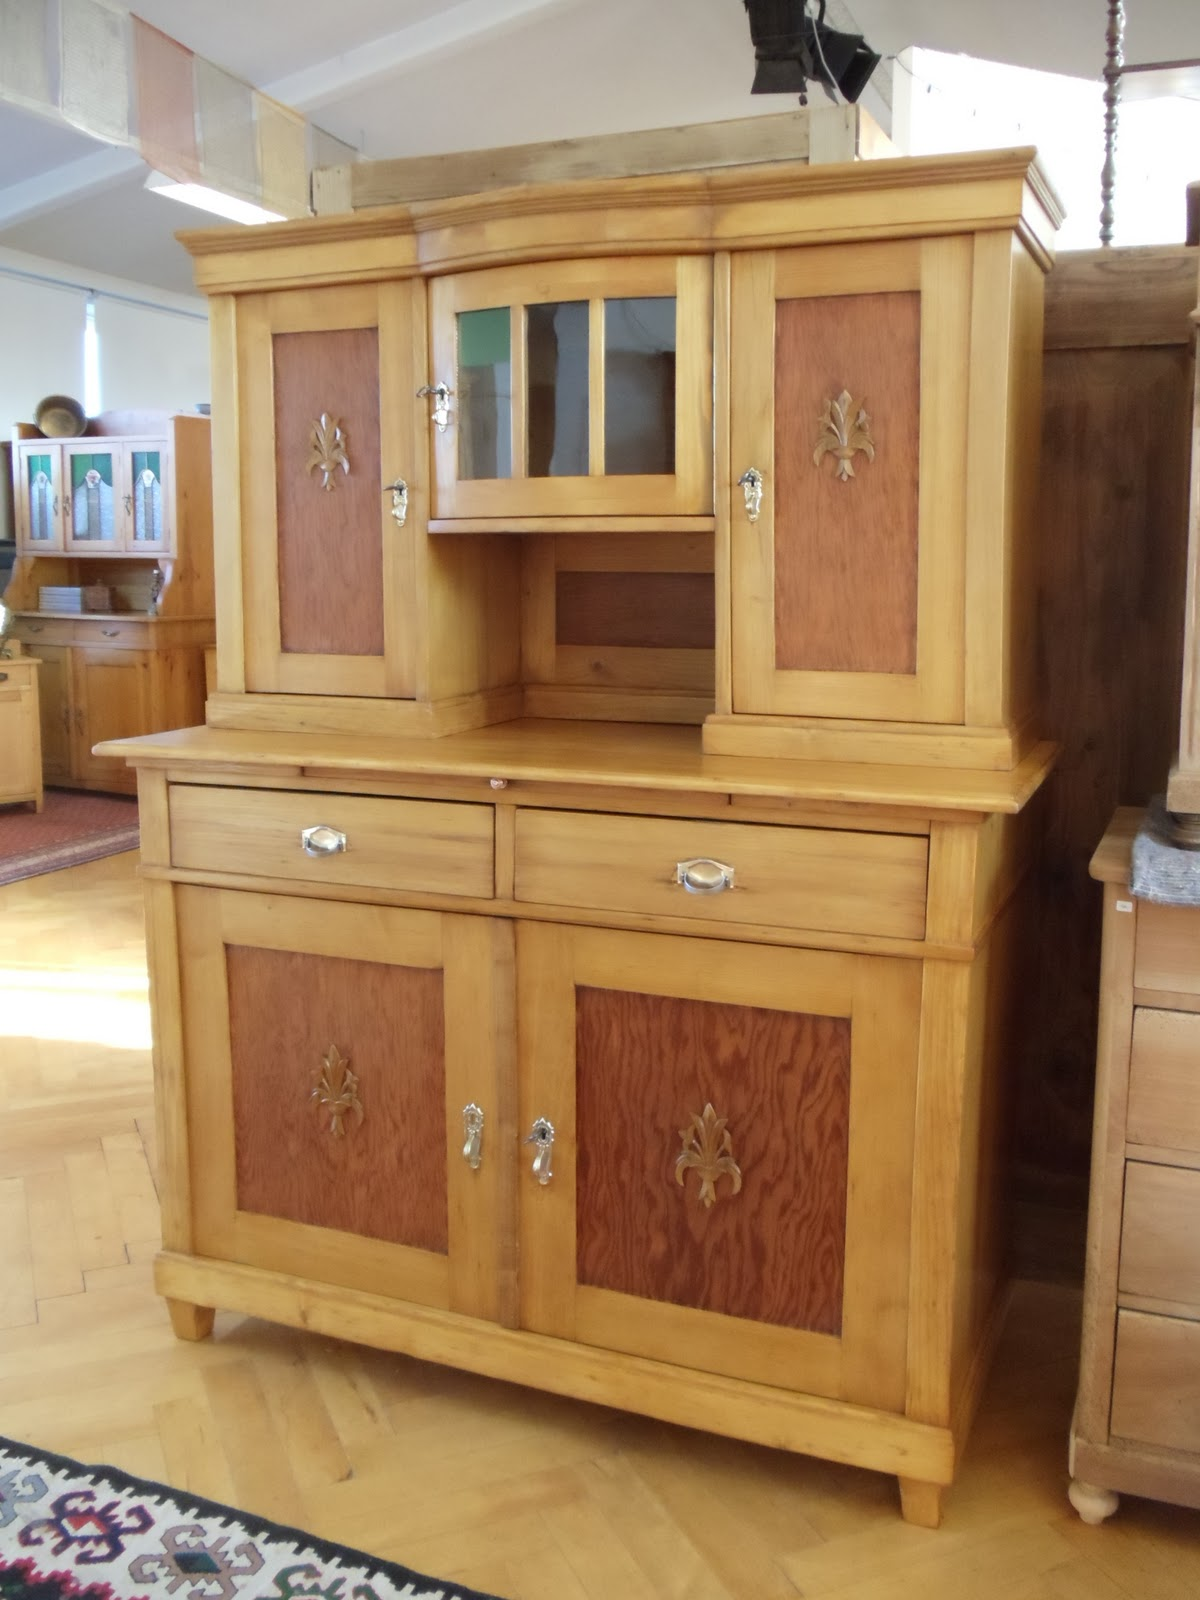 antike m bel k chenschrank um 1900. Black Bedroom Furniture Sets. Home Design Ideas